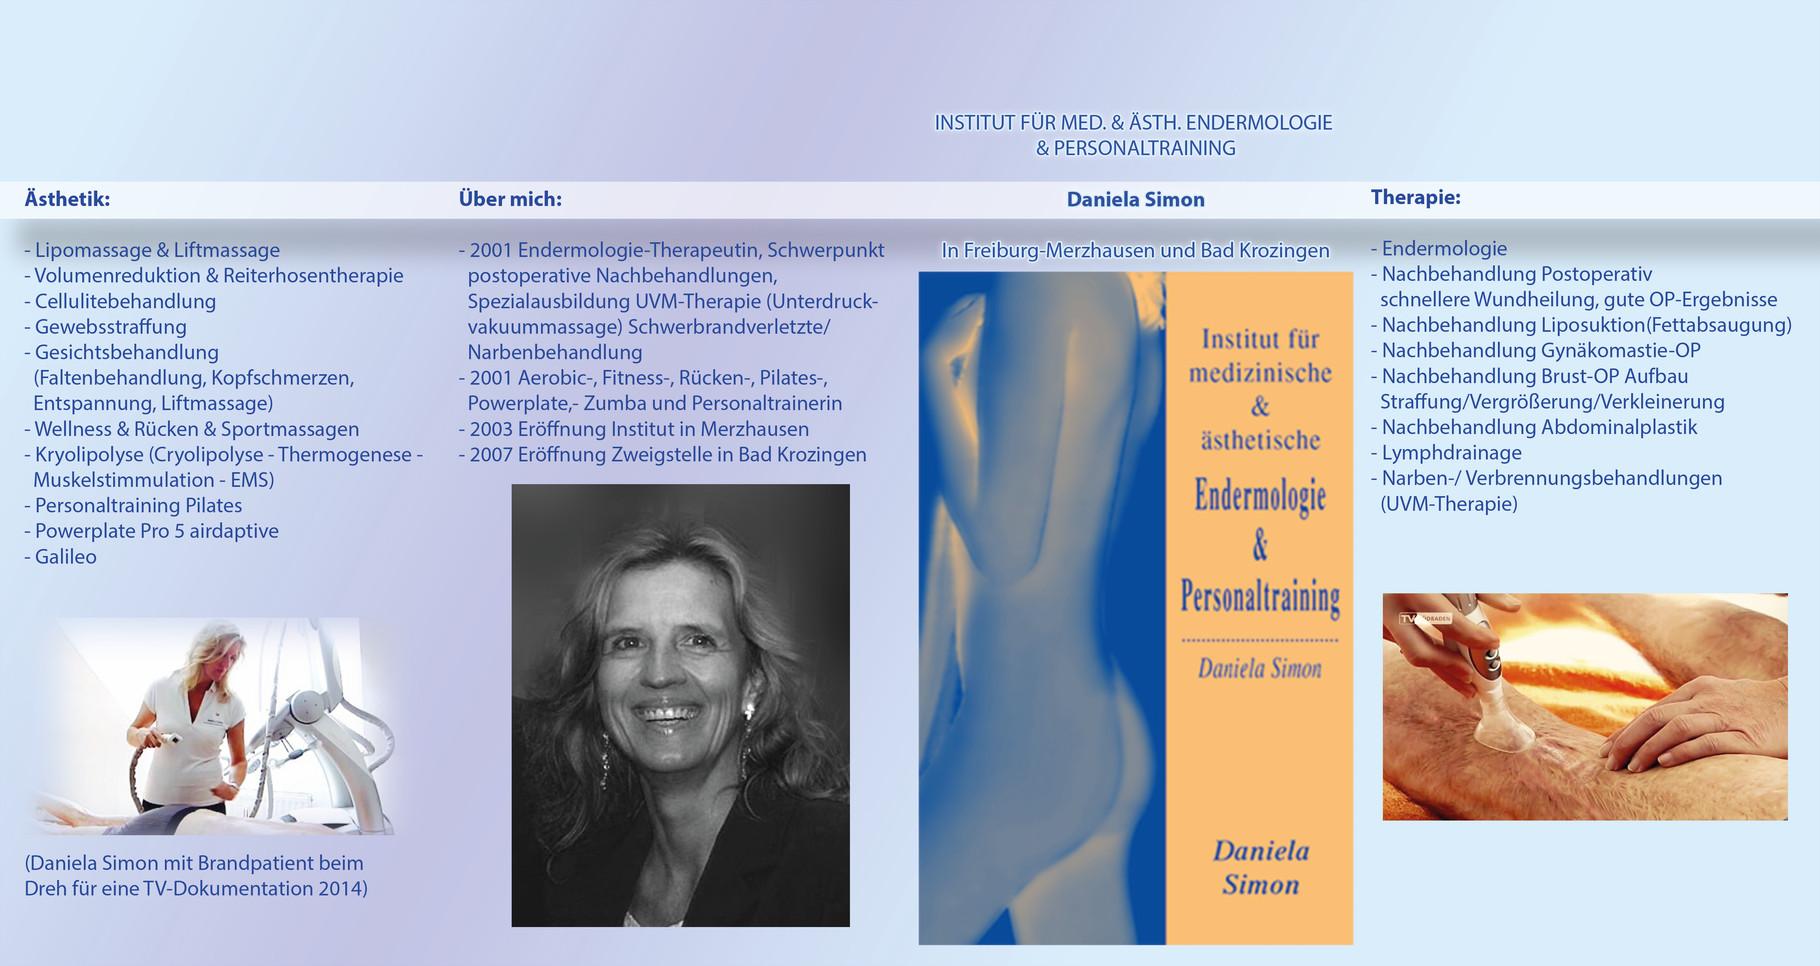 Dreifalz-Flyer Endermologie Institut Daniela Simon Außenansicht